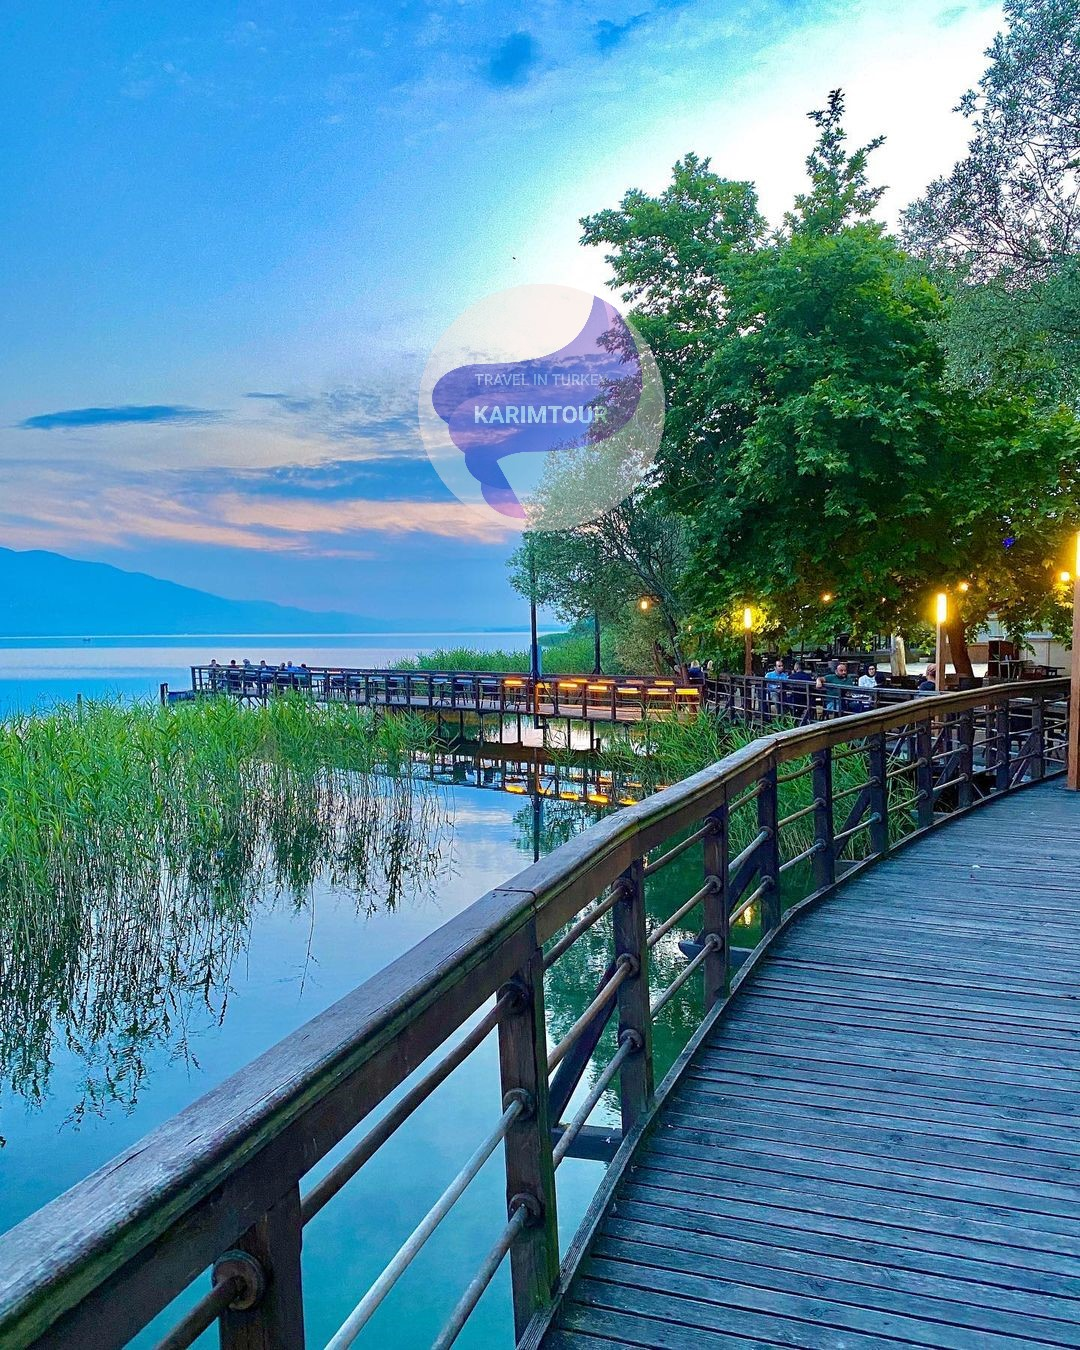 ضفة بحيرة سبانجا في تركيا